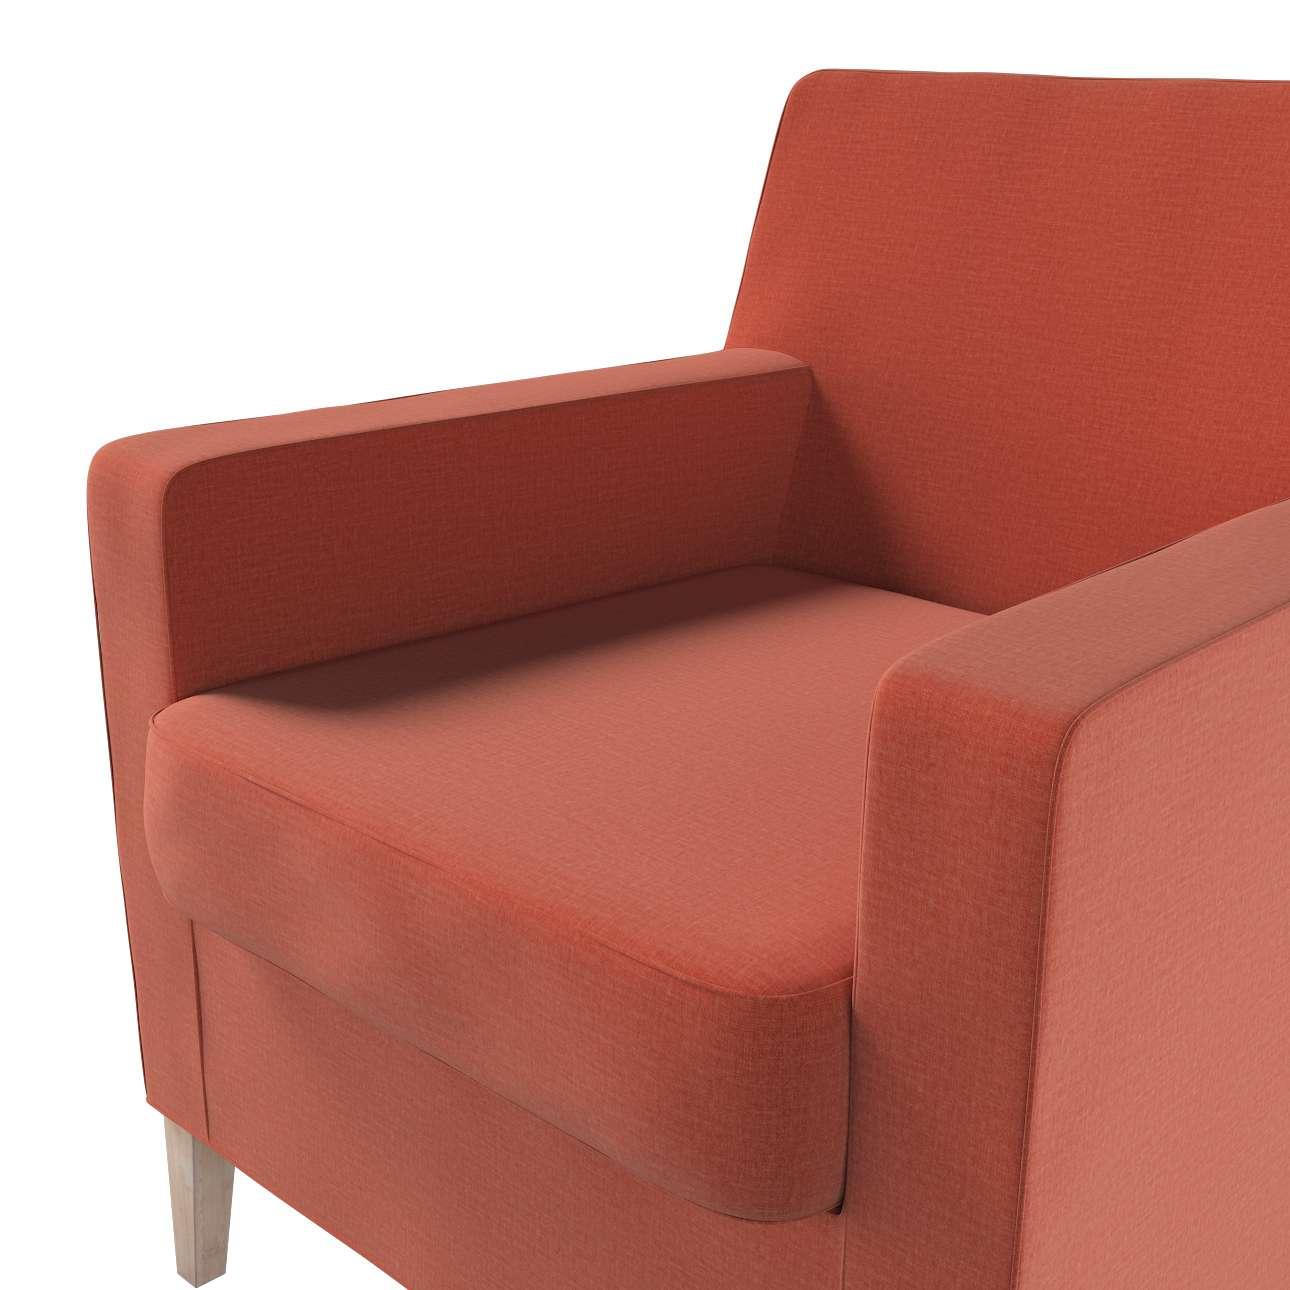 Pokrowiec na fotel Karlstad w kolekcji Ingrid, tkanina: 705-37